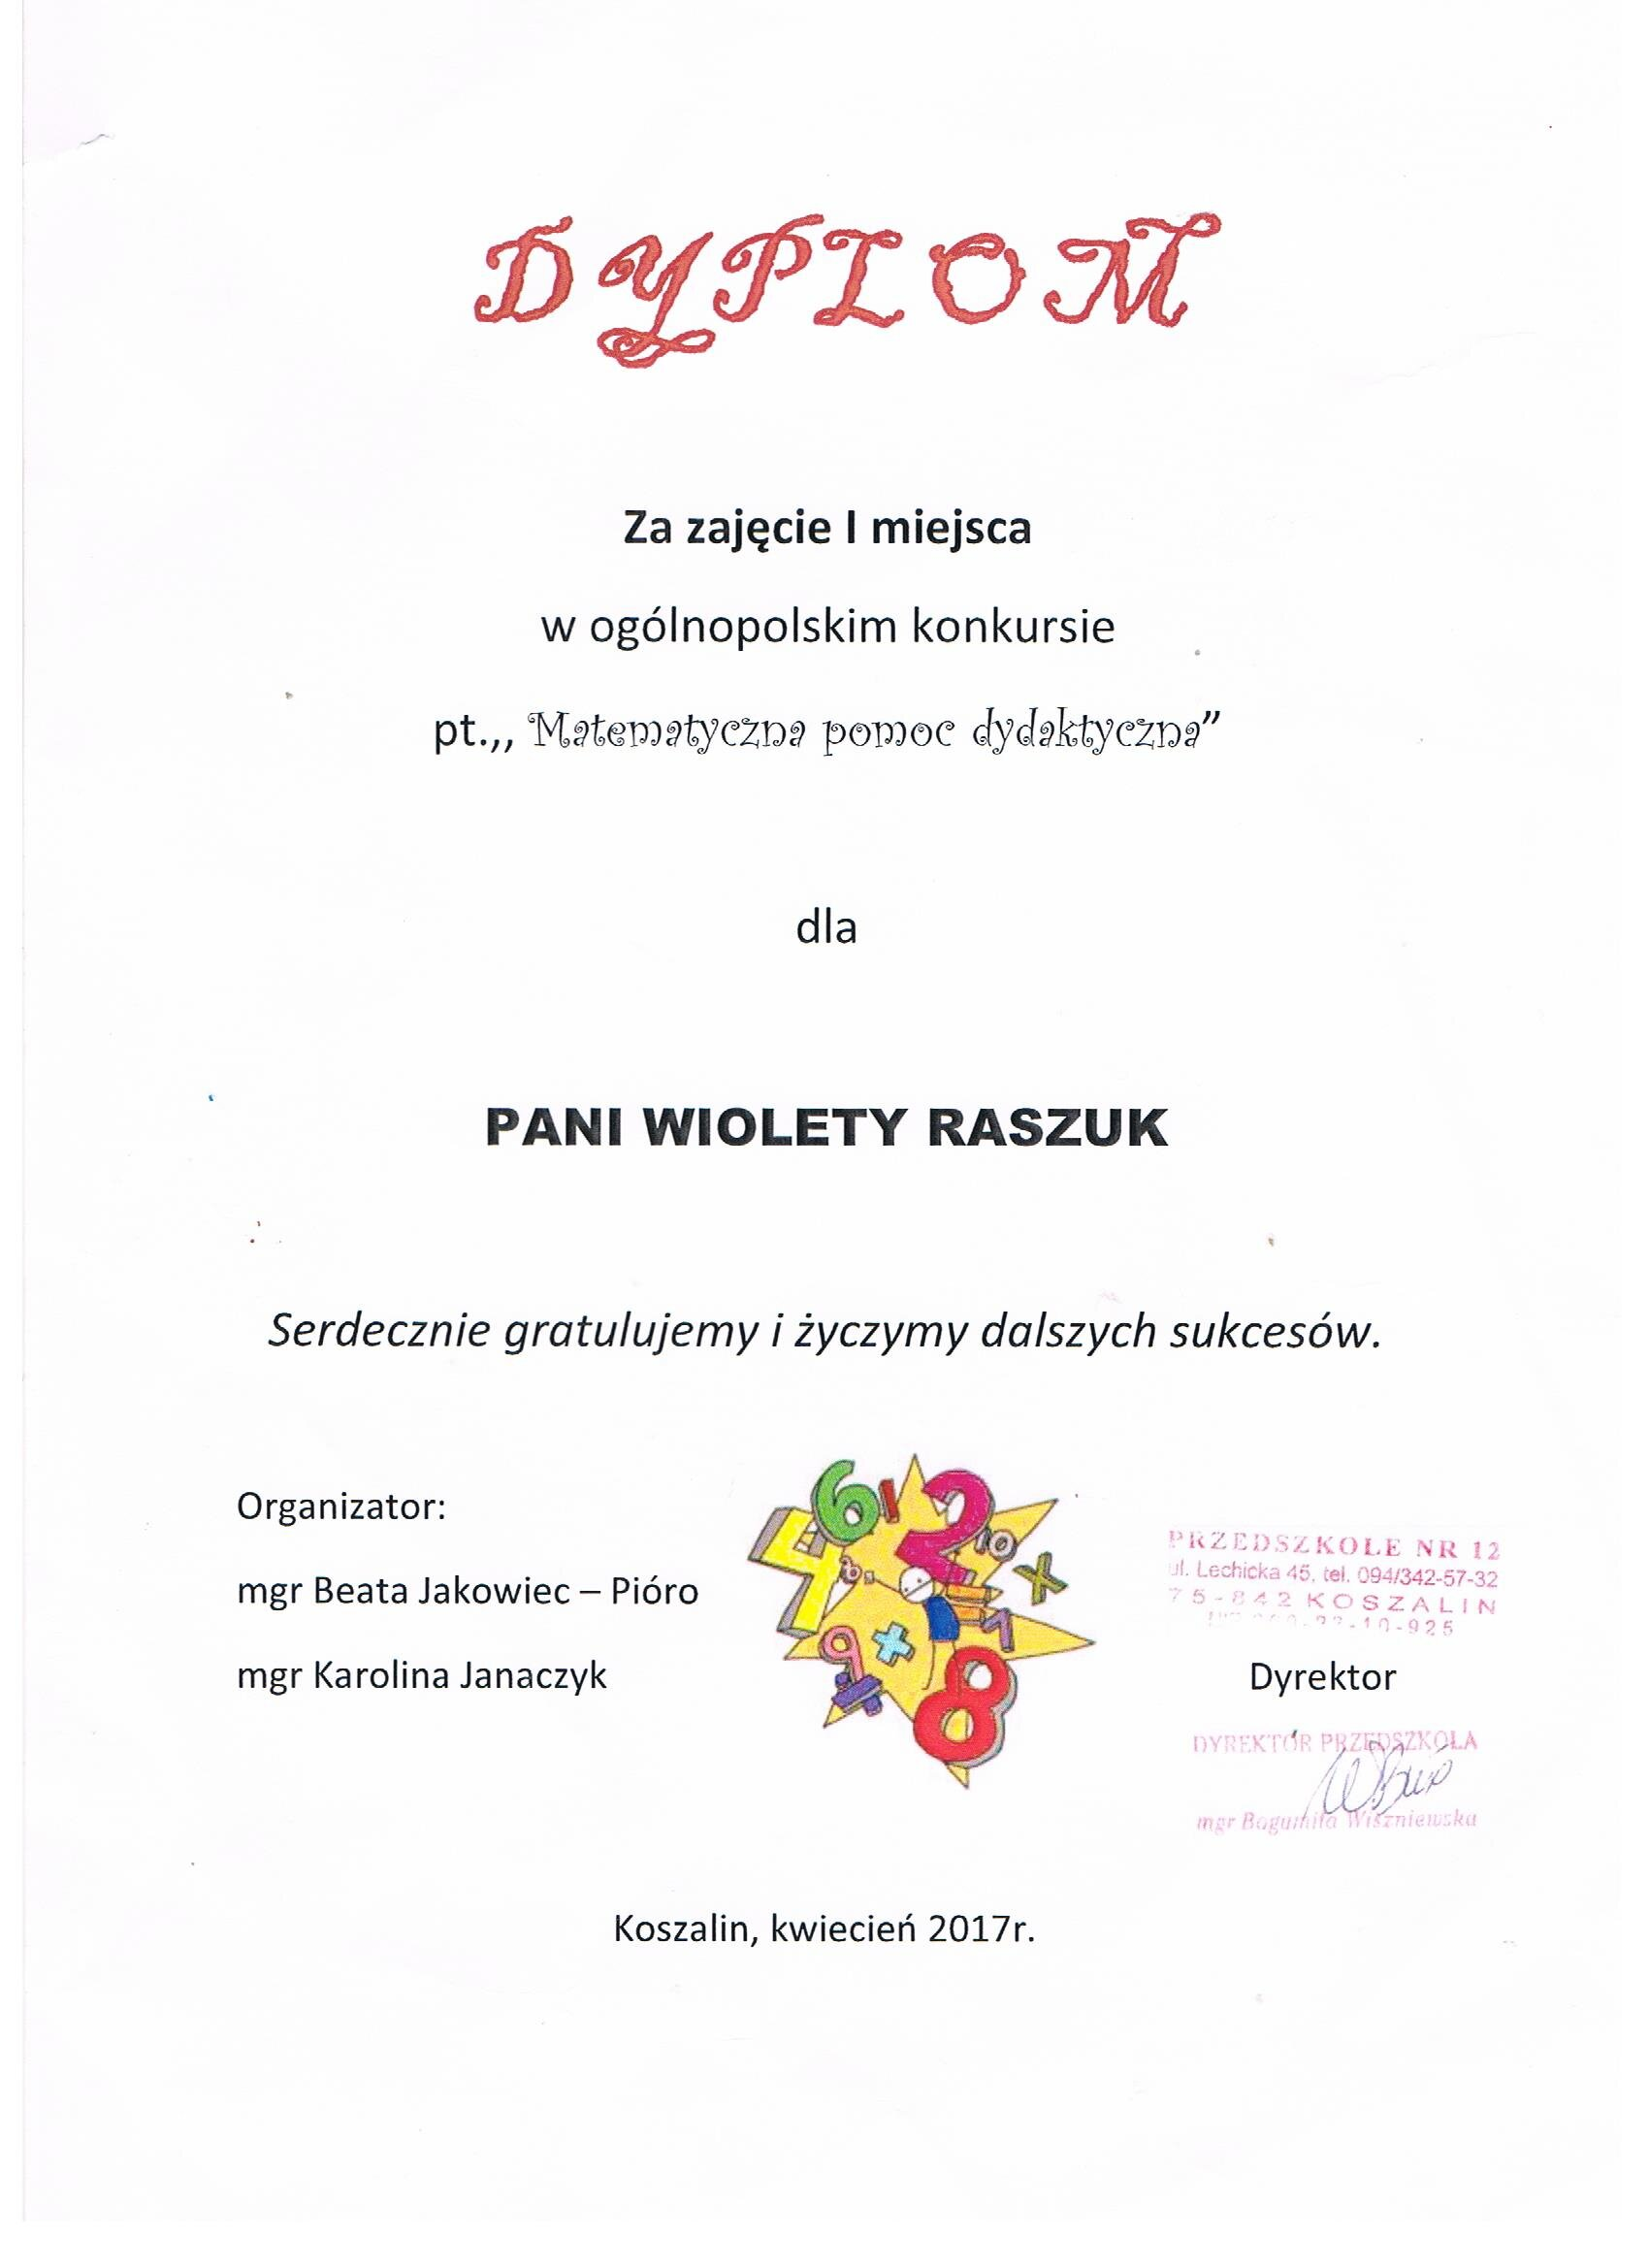 http://www.przedszkole11.info.pl/images/stories/dyplom-matematyka%20001.jpg